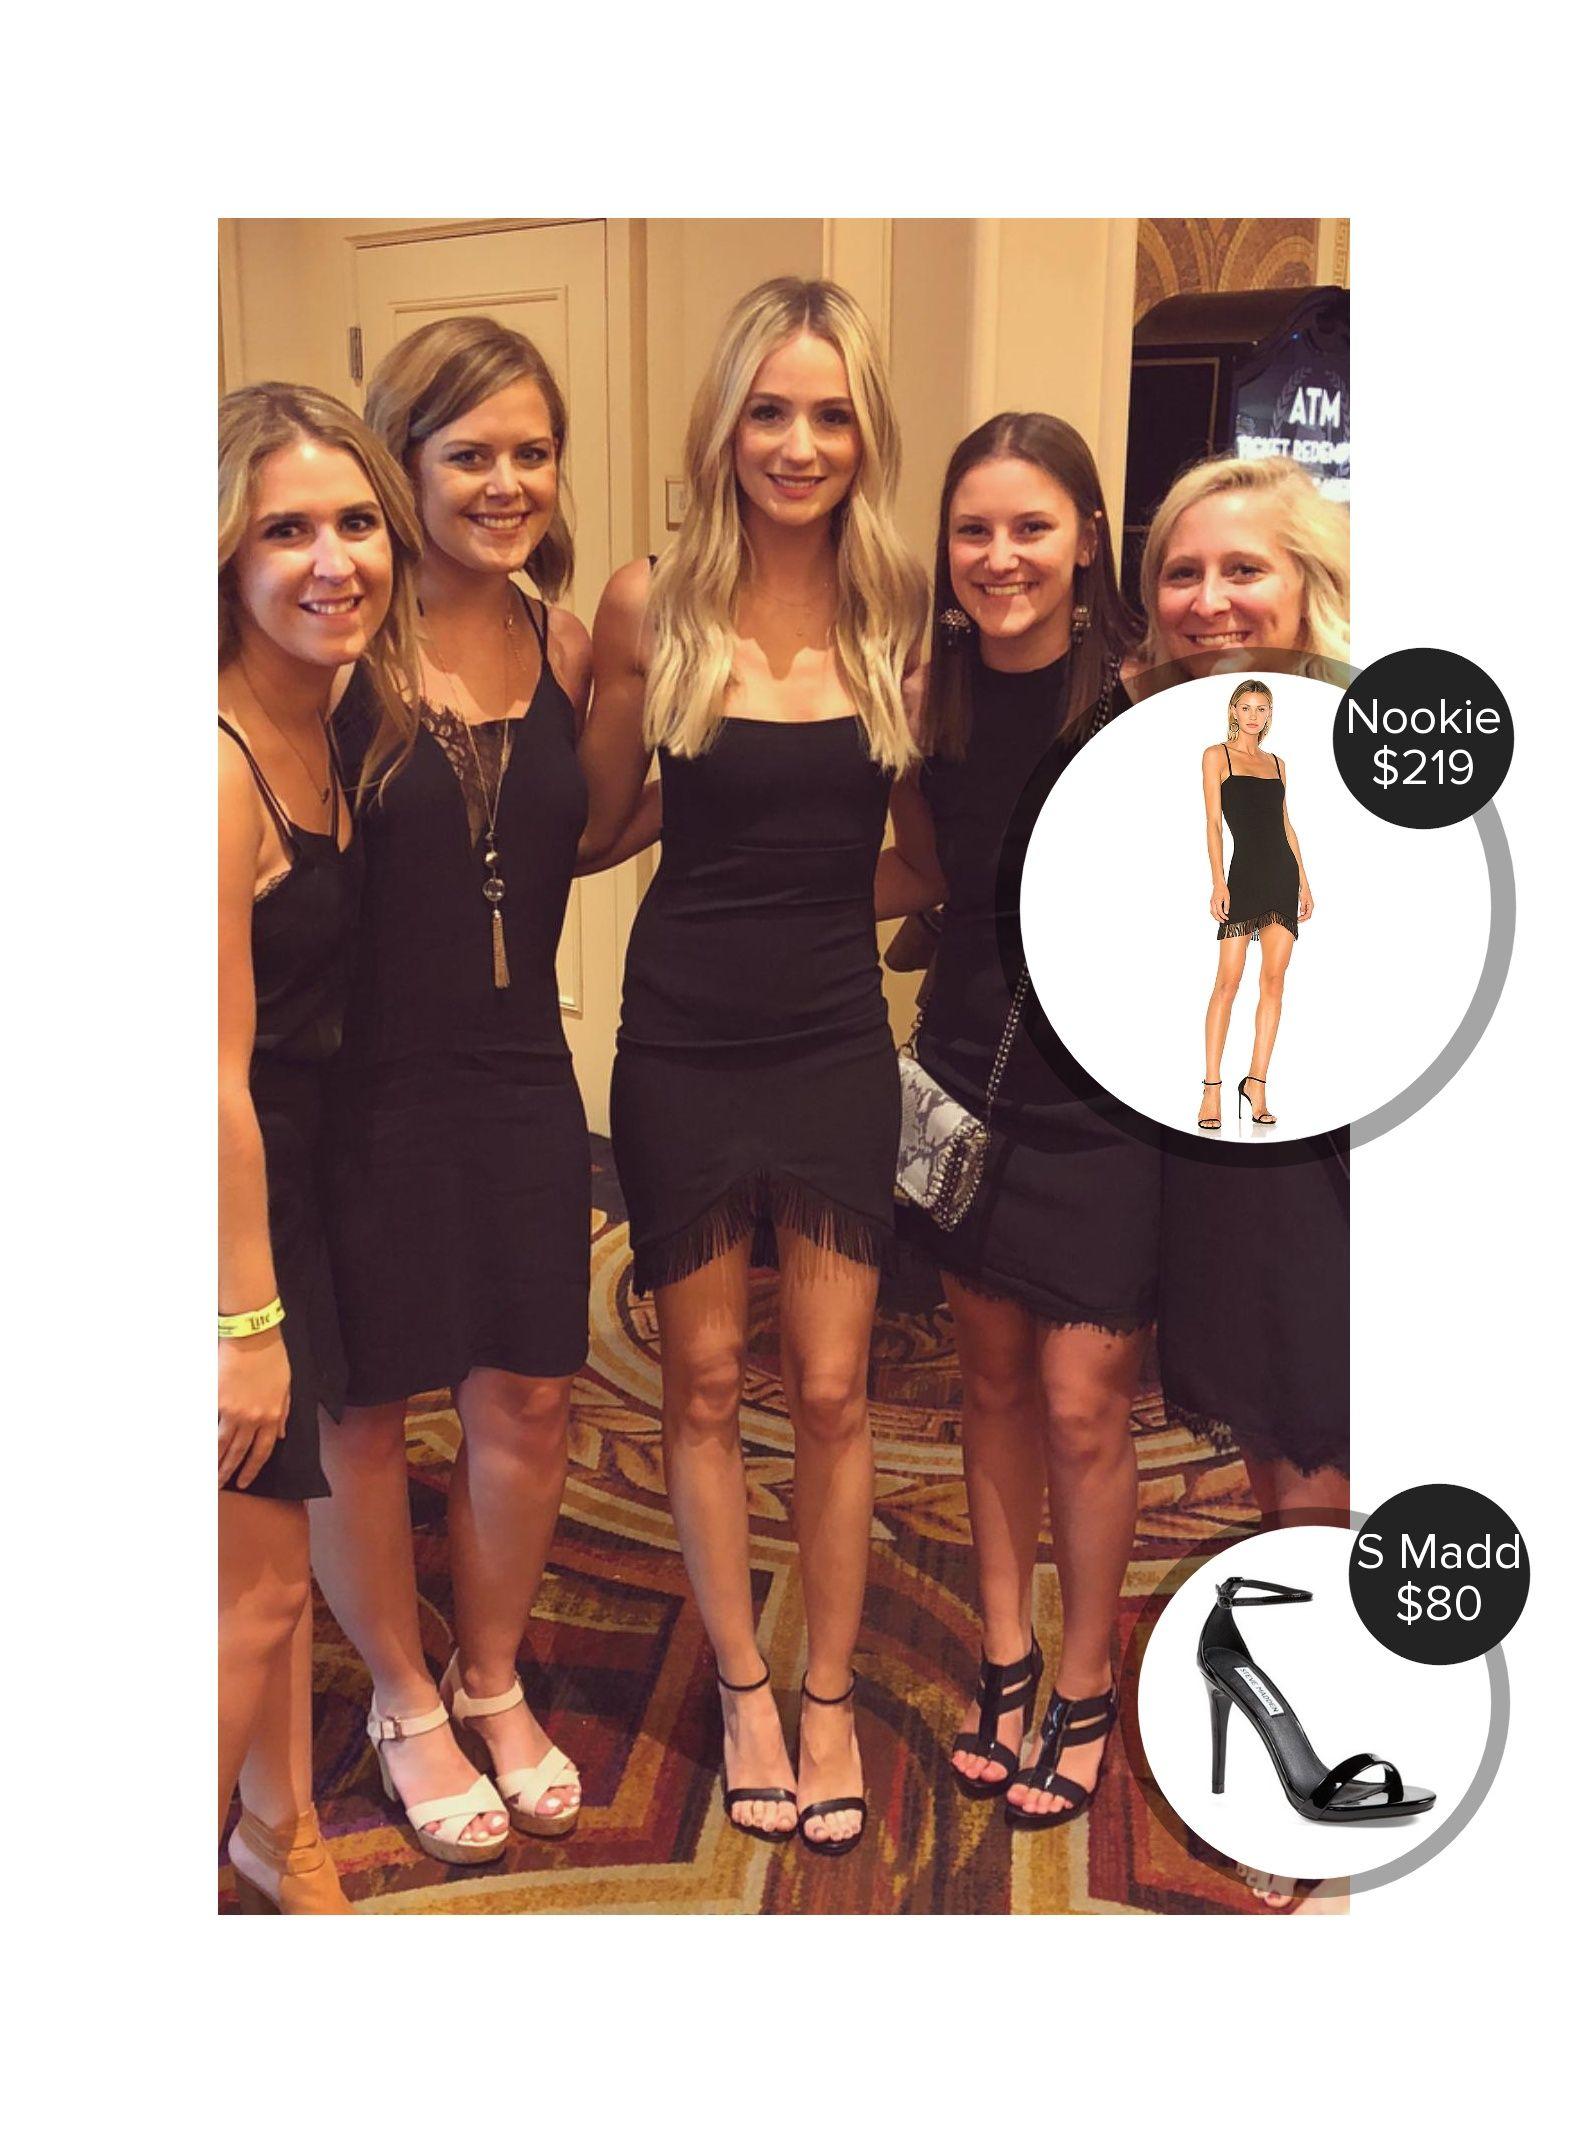 8cbca464019 Lauren Bushnell Las Vegas - seen in Steve Madden and Nookie.  stevemadden   nookie  laurenbushnell  mode.ai